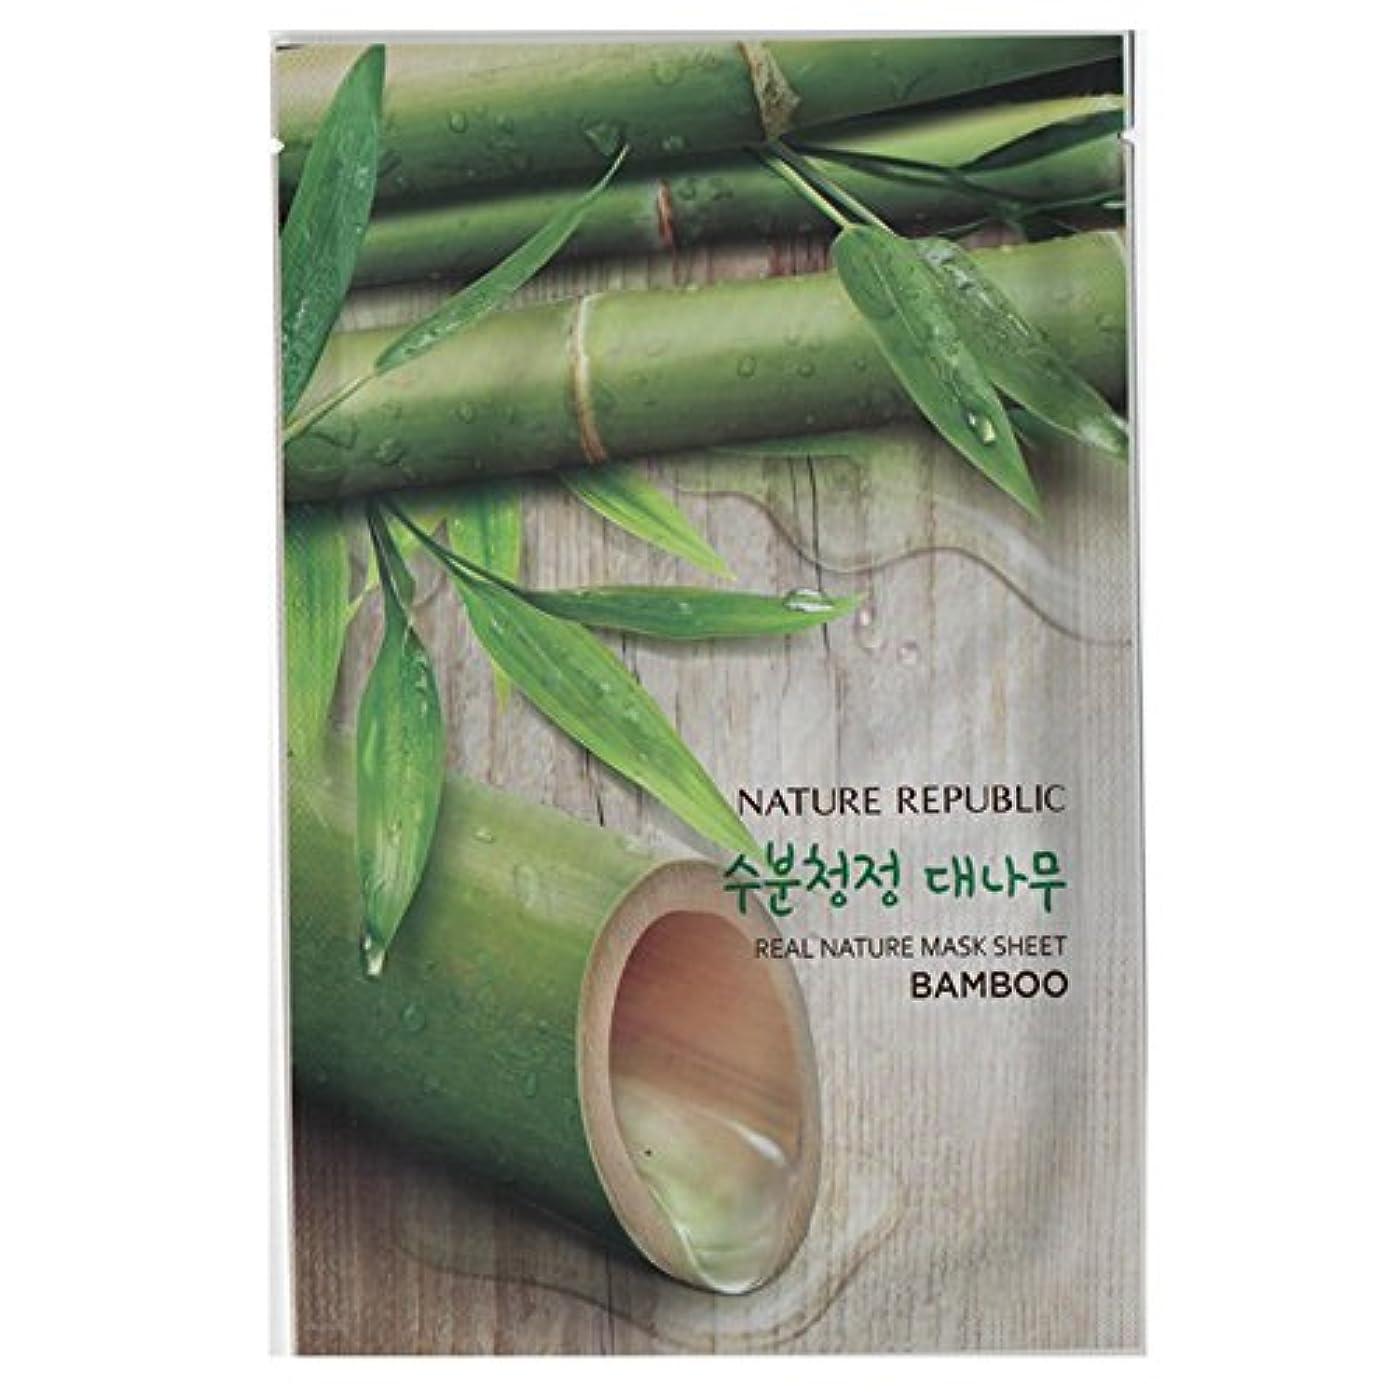 既に優先関係する[NATURE REPUBLIC] リアルネイチャー マスクシート Real Nature Mask Sheet (Bamboo (竹) 10個) [並行輸入品]